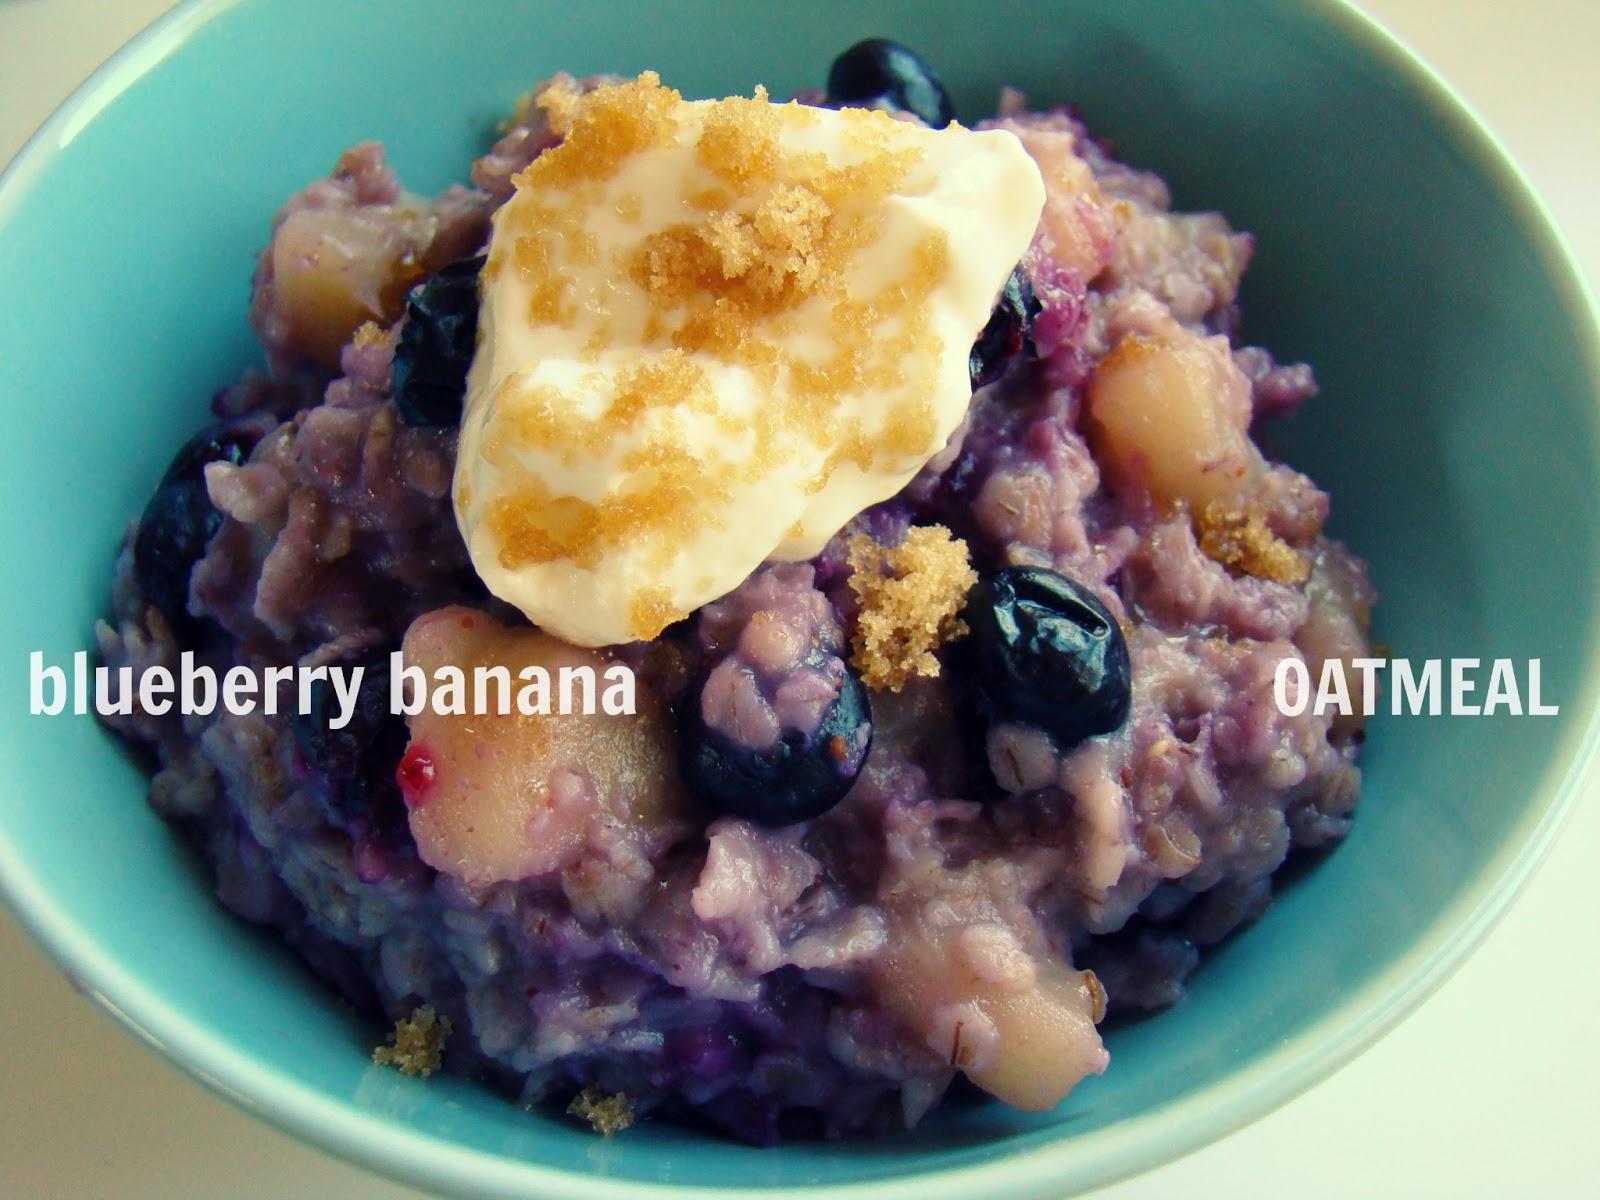 Family Feedbag: Blueberry banana oatmeal